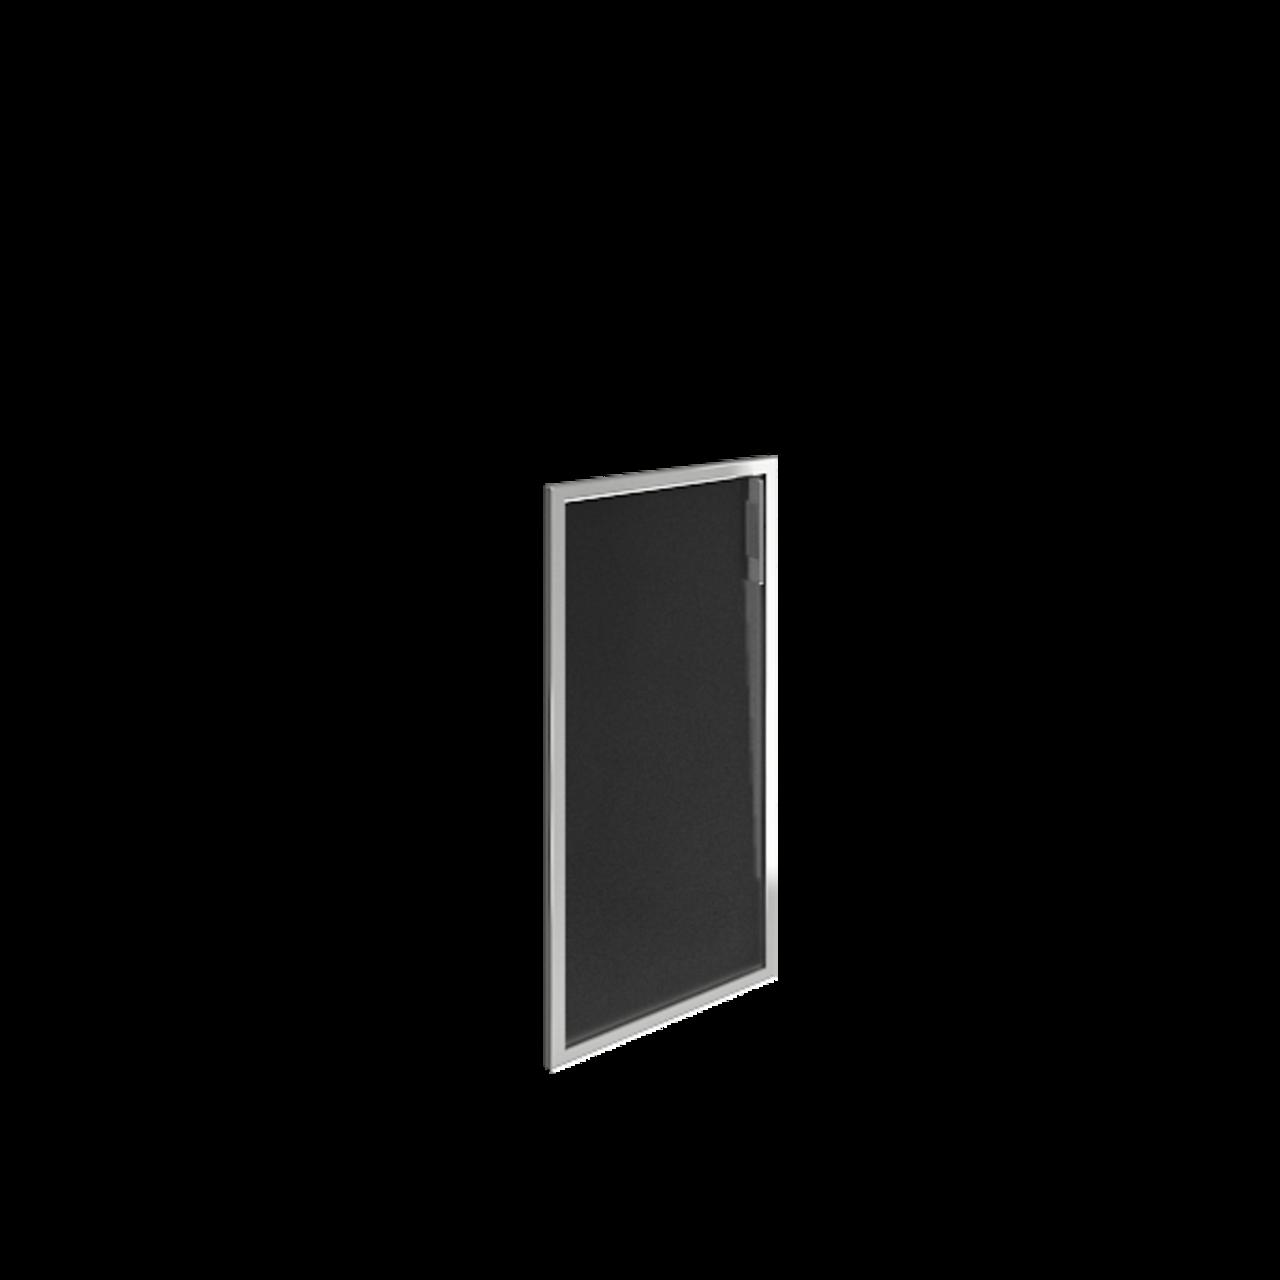 Дверь стекло в раме низкое Lacobel black левая - фото 3